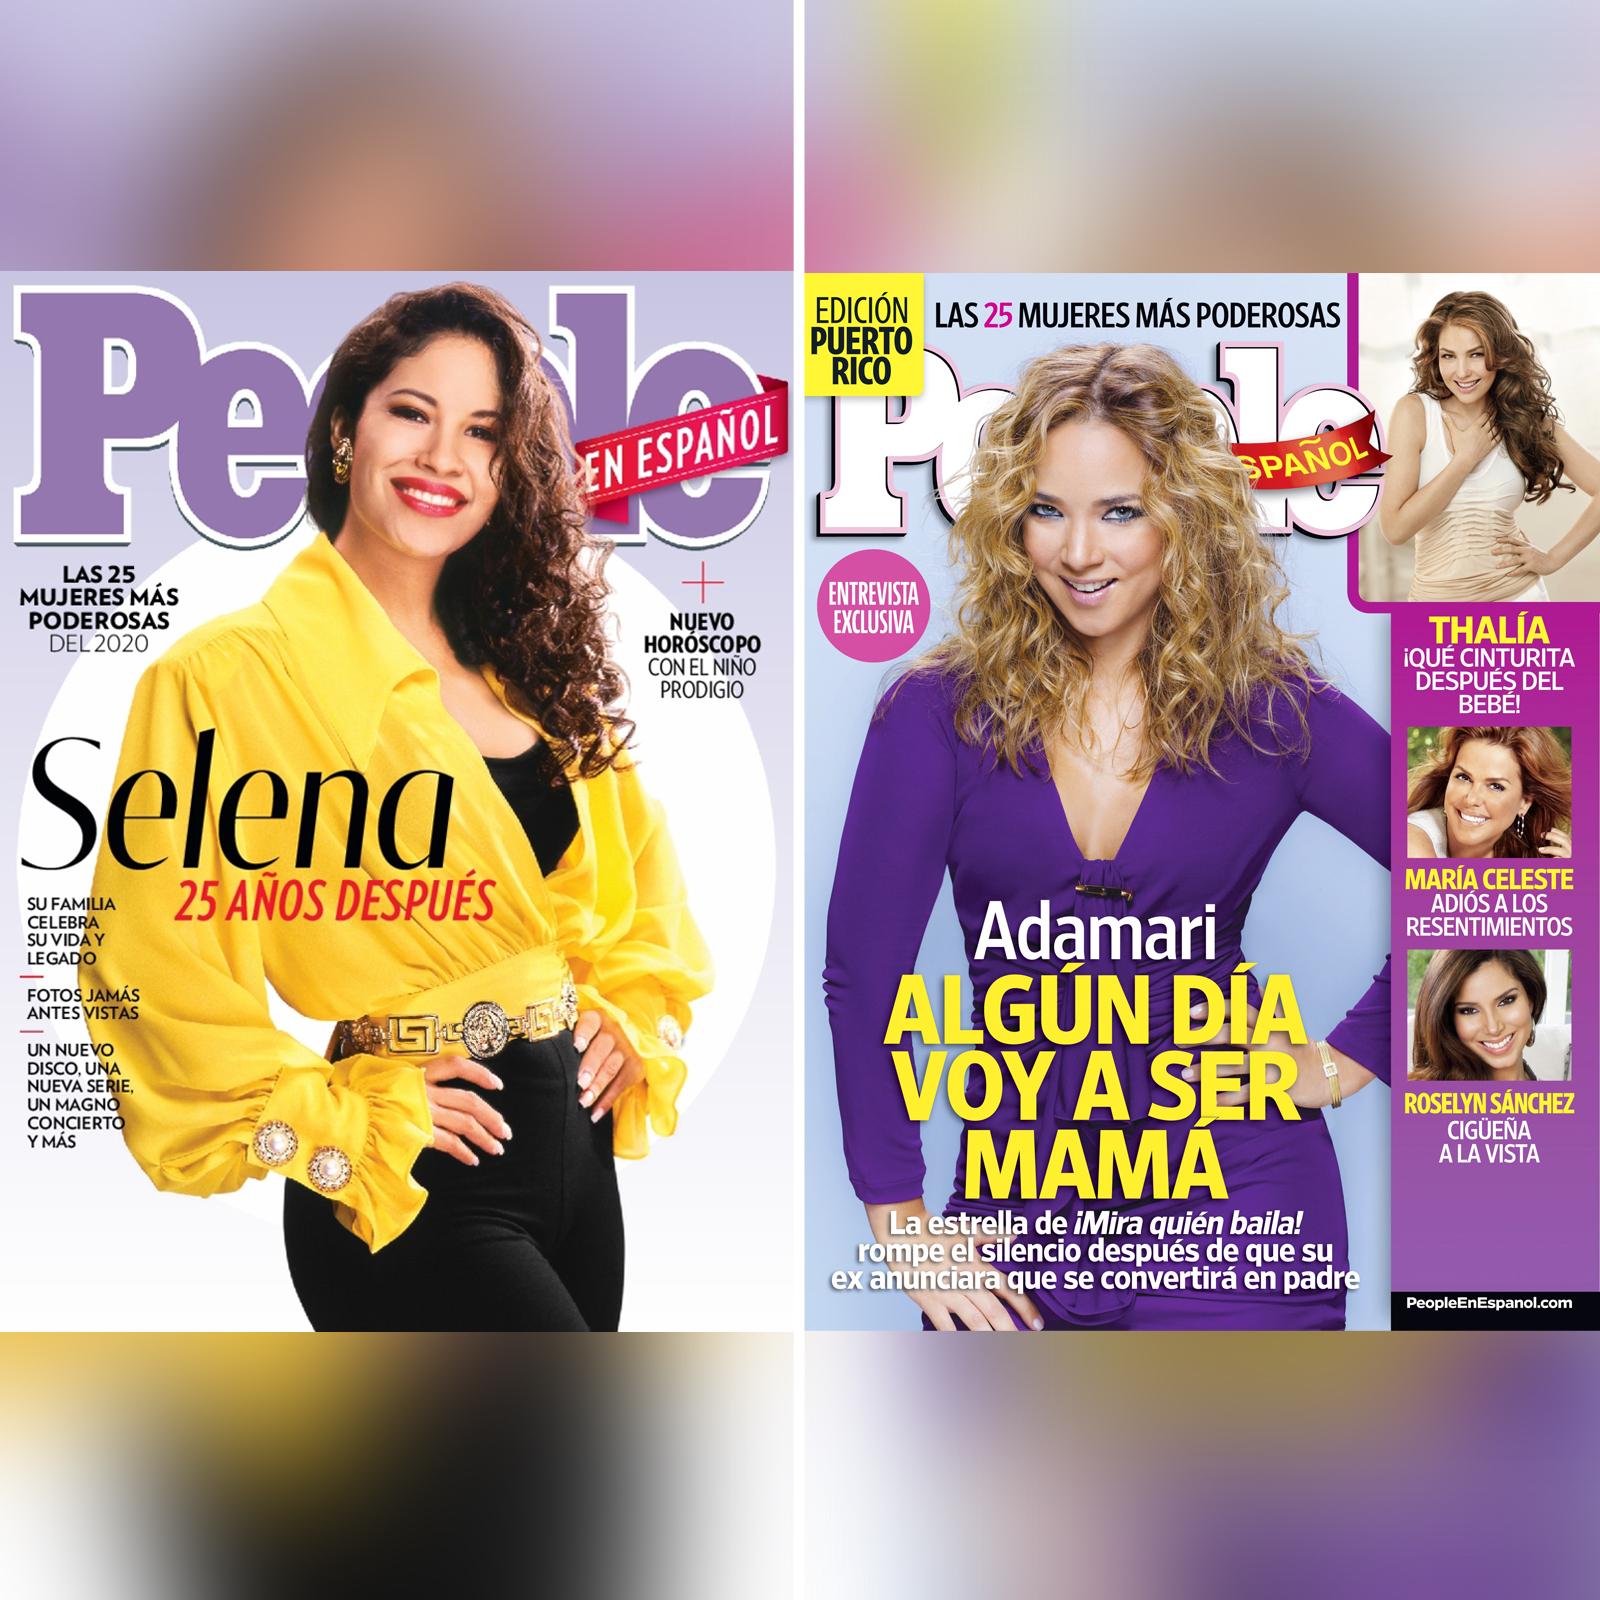 Selena y Adamari Lopez portadas – Las 25 Mujeres Mas Poderosas Covers